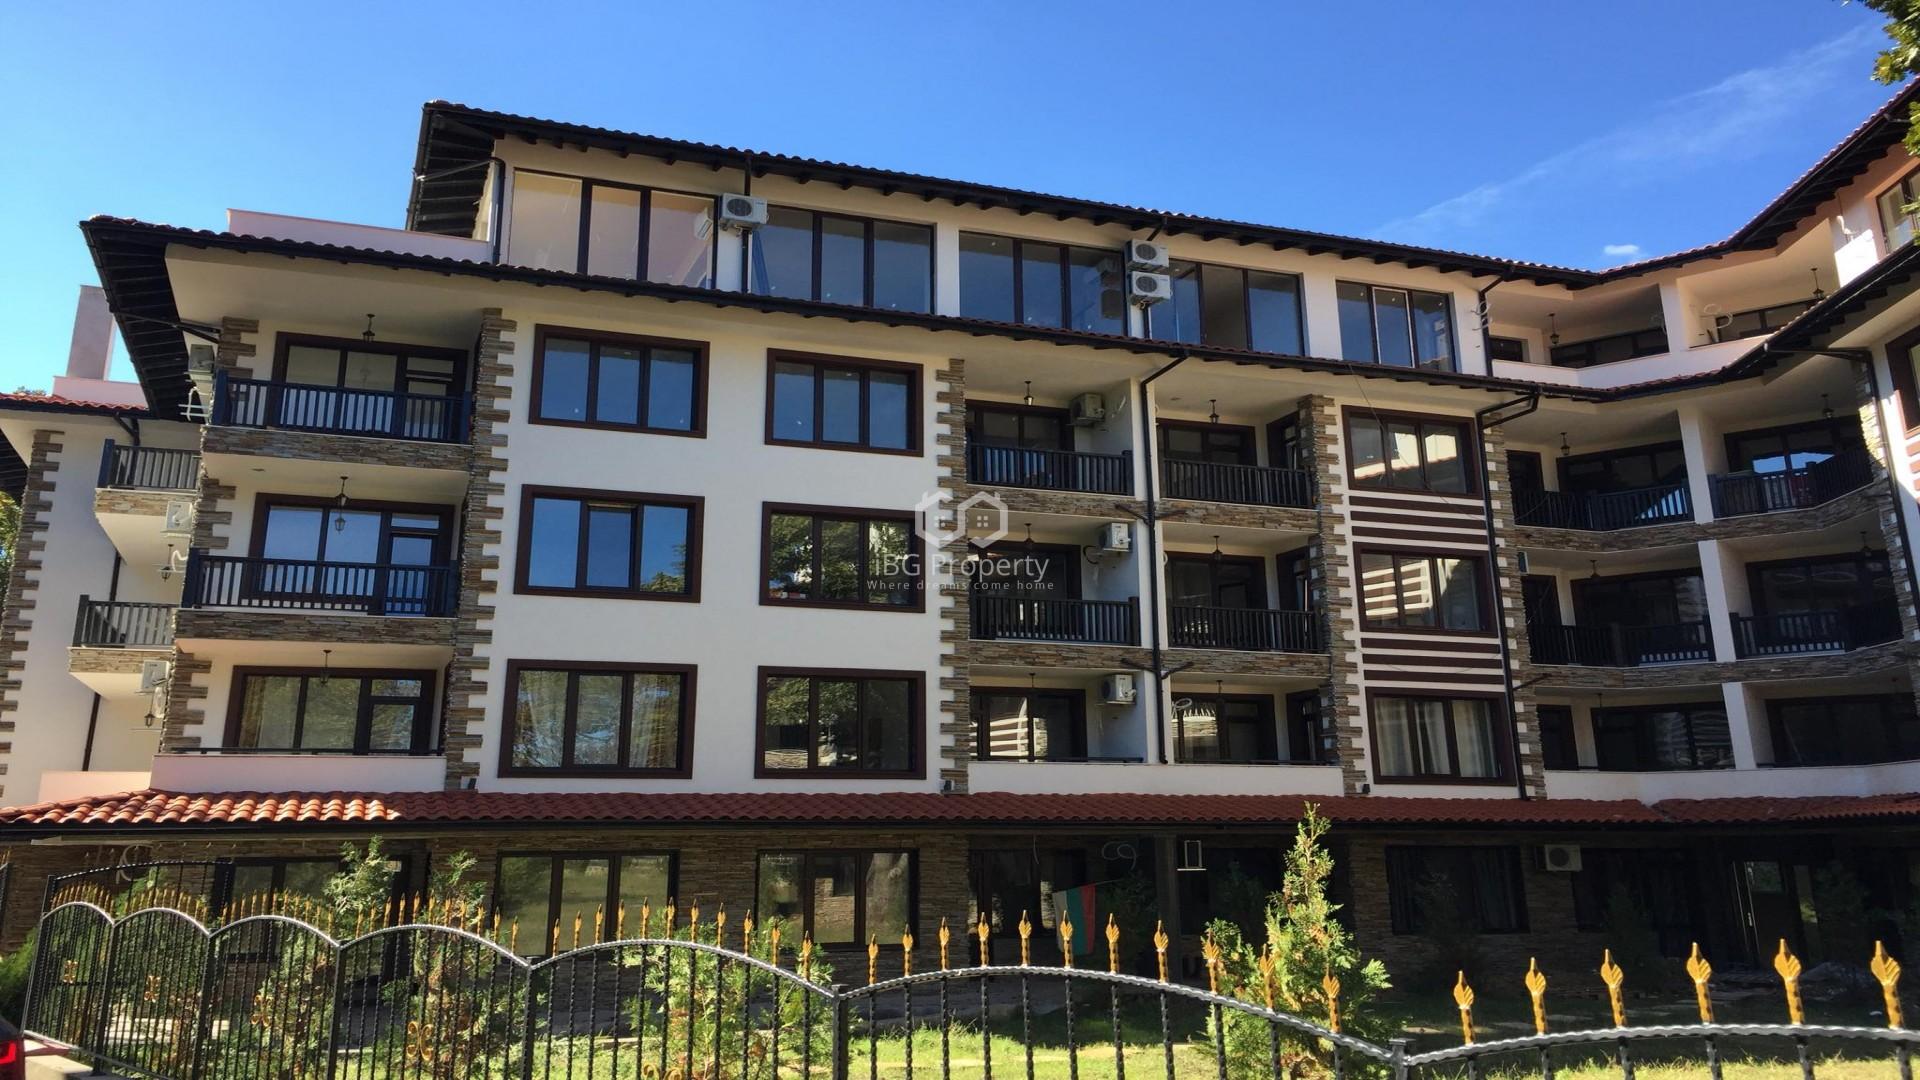 Трехкомнатная квартира Приморско 87 m2